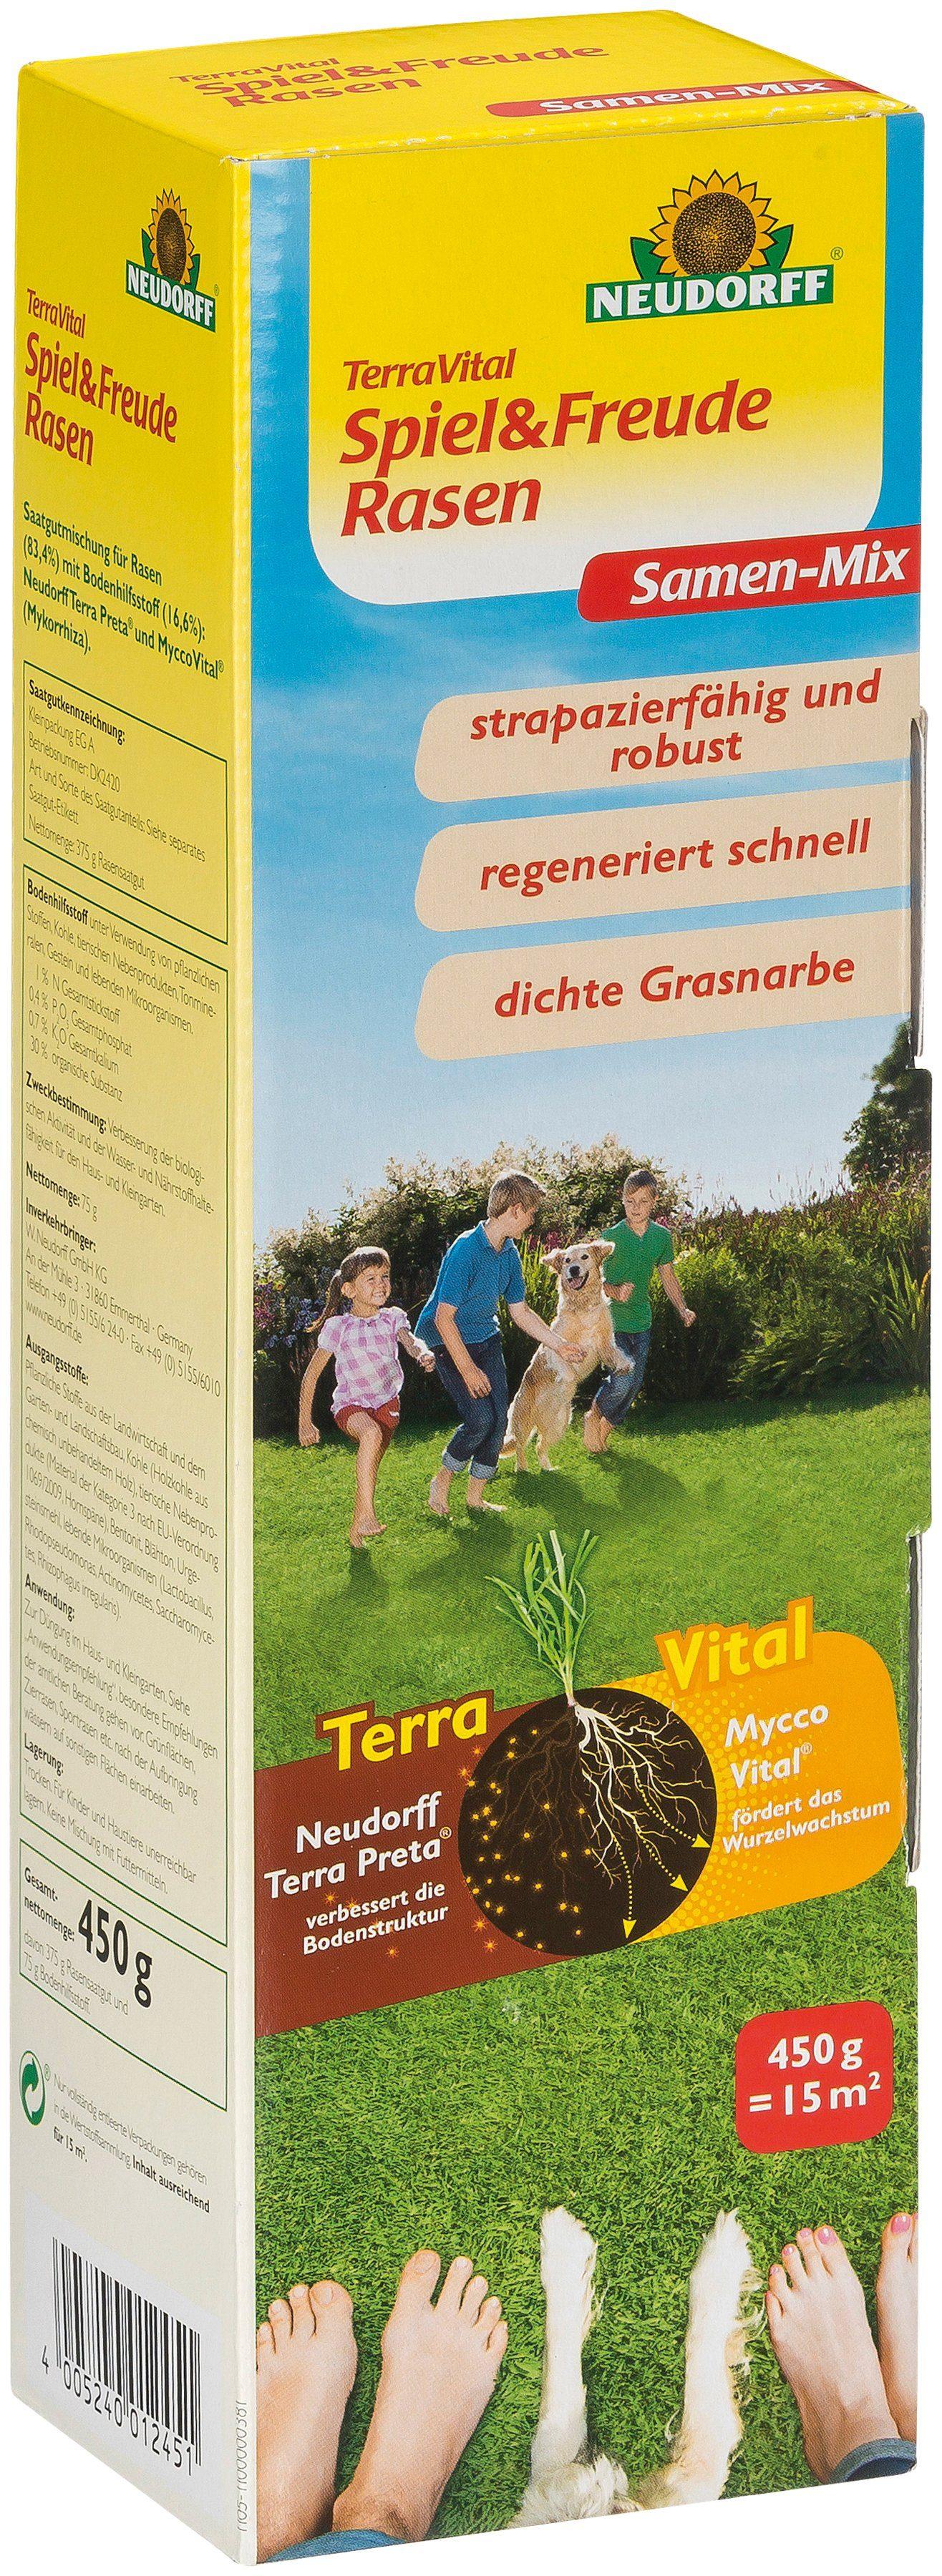 NEUDORFF Sport- und Spielrasen »TerraVital Spiel&Freude«, 450 g